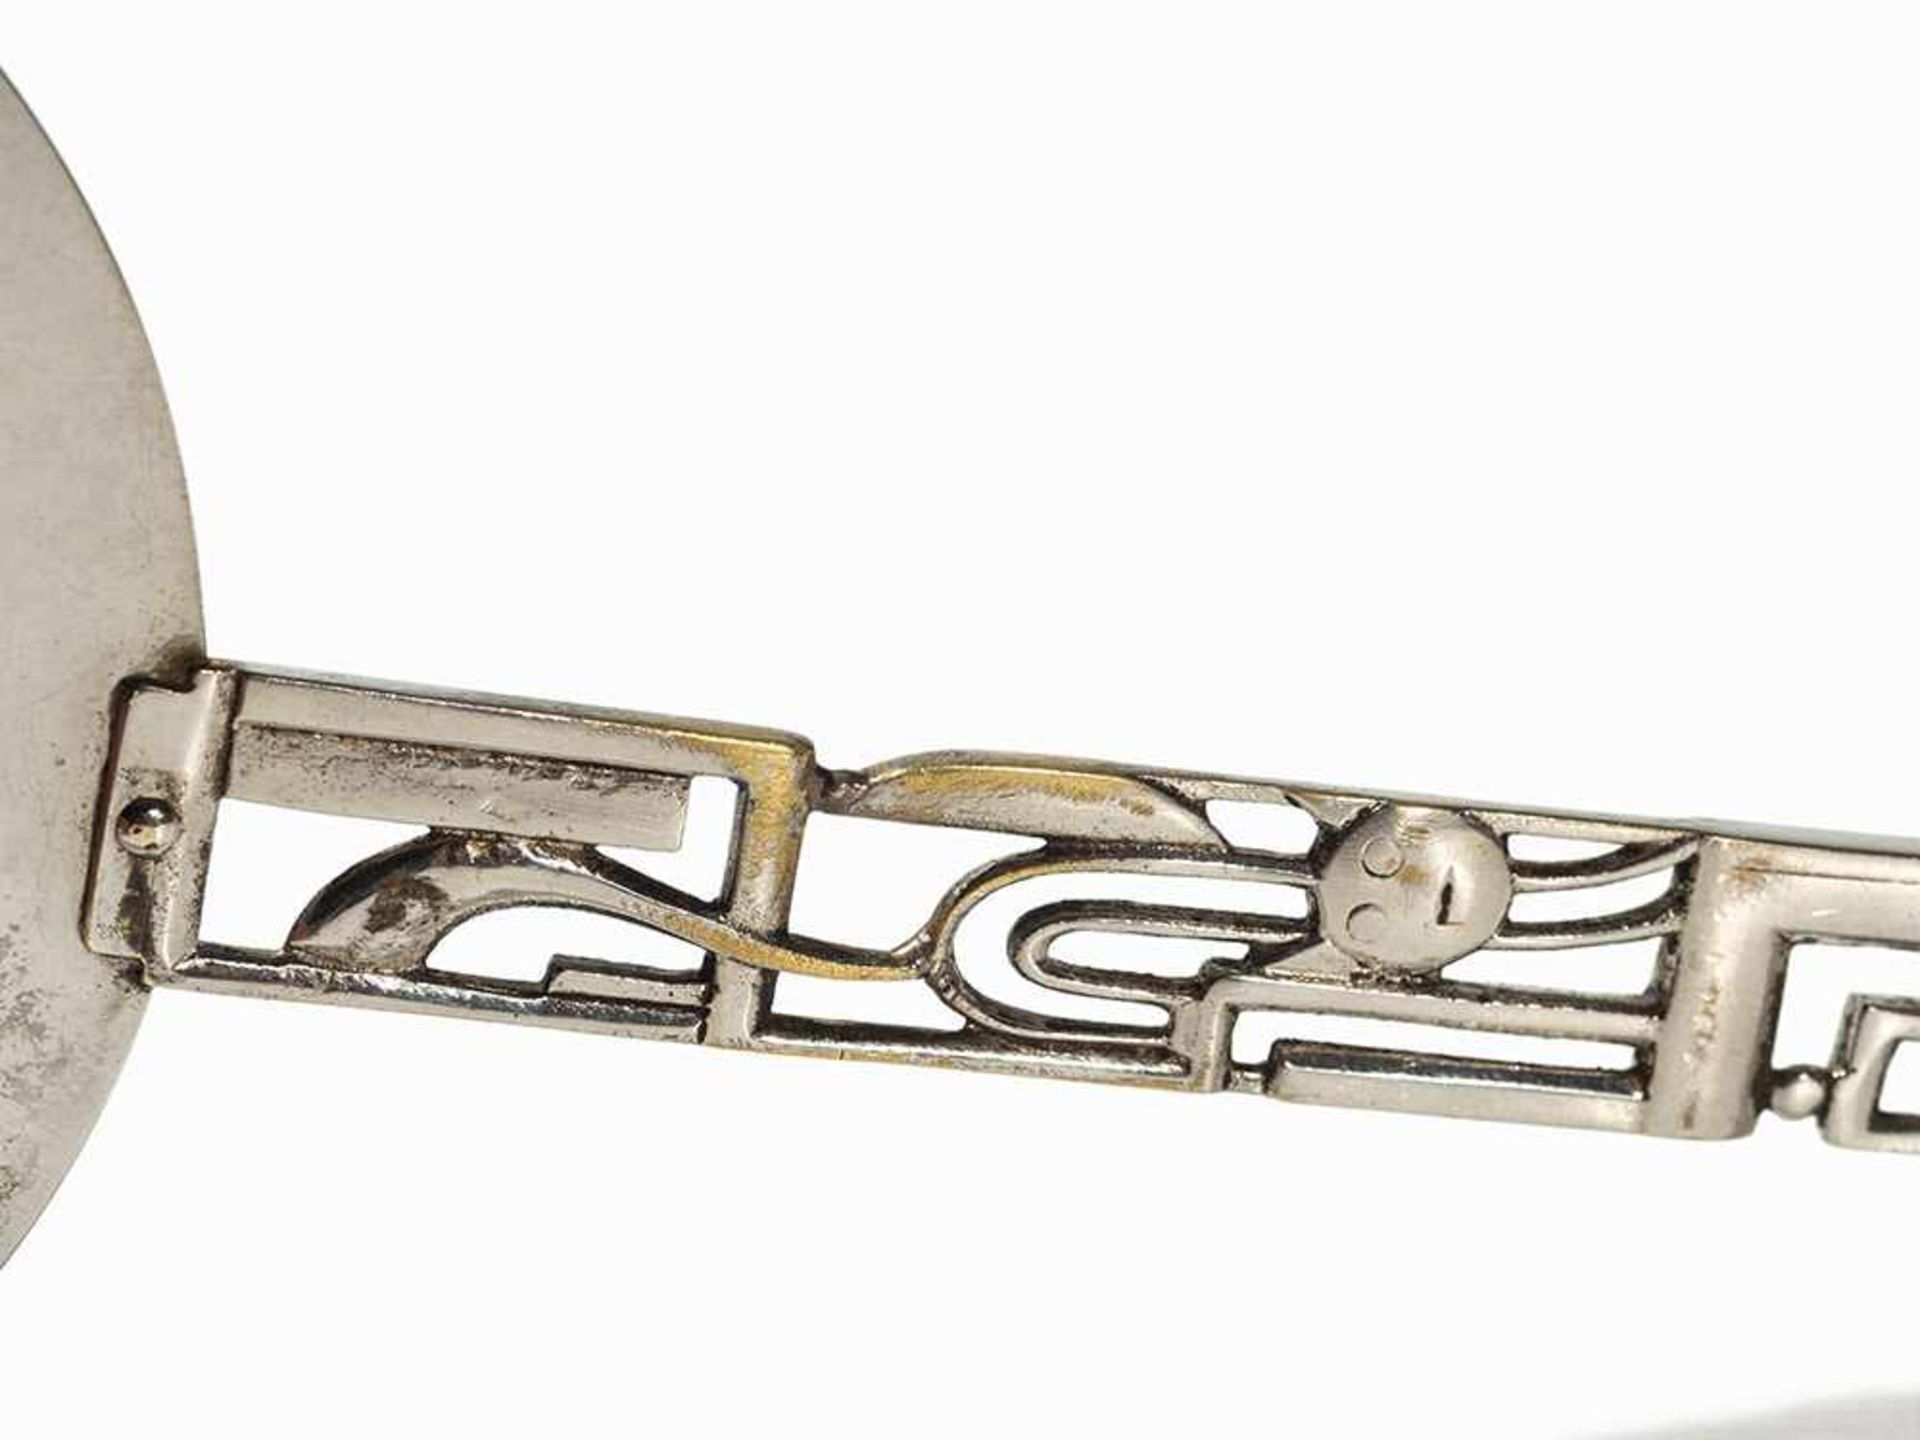 Los 111 - Werkstätte Hagenauer, Handspiegel, Geometrischer Dekor, 1920er Messing, vernickelt: Österreich,